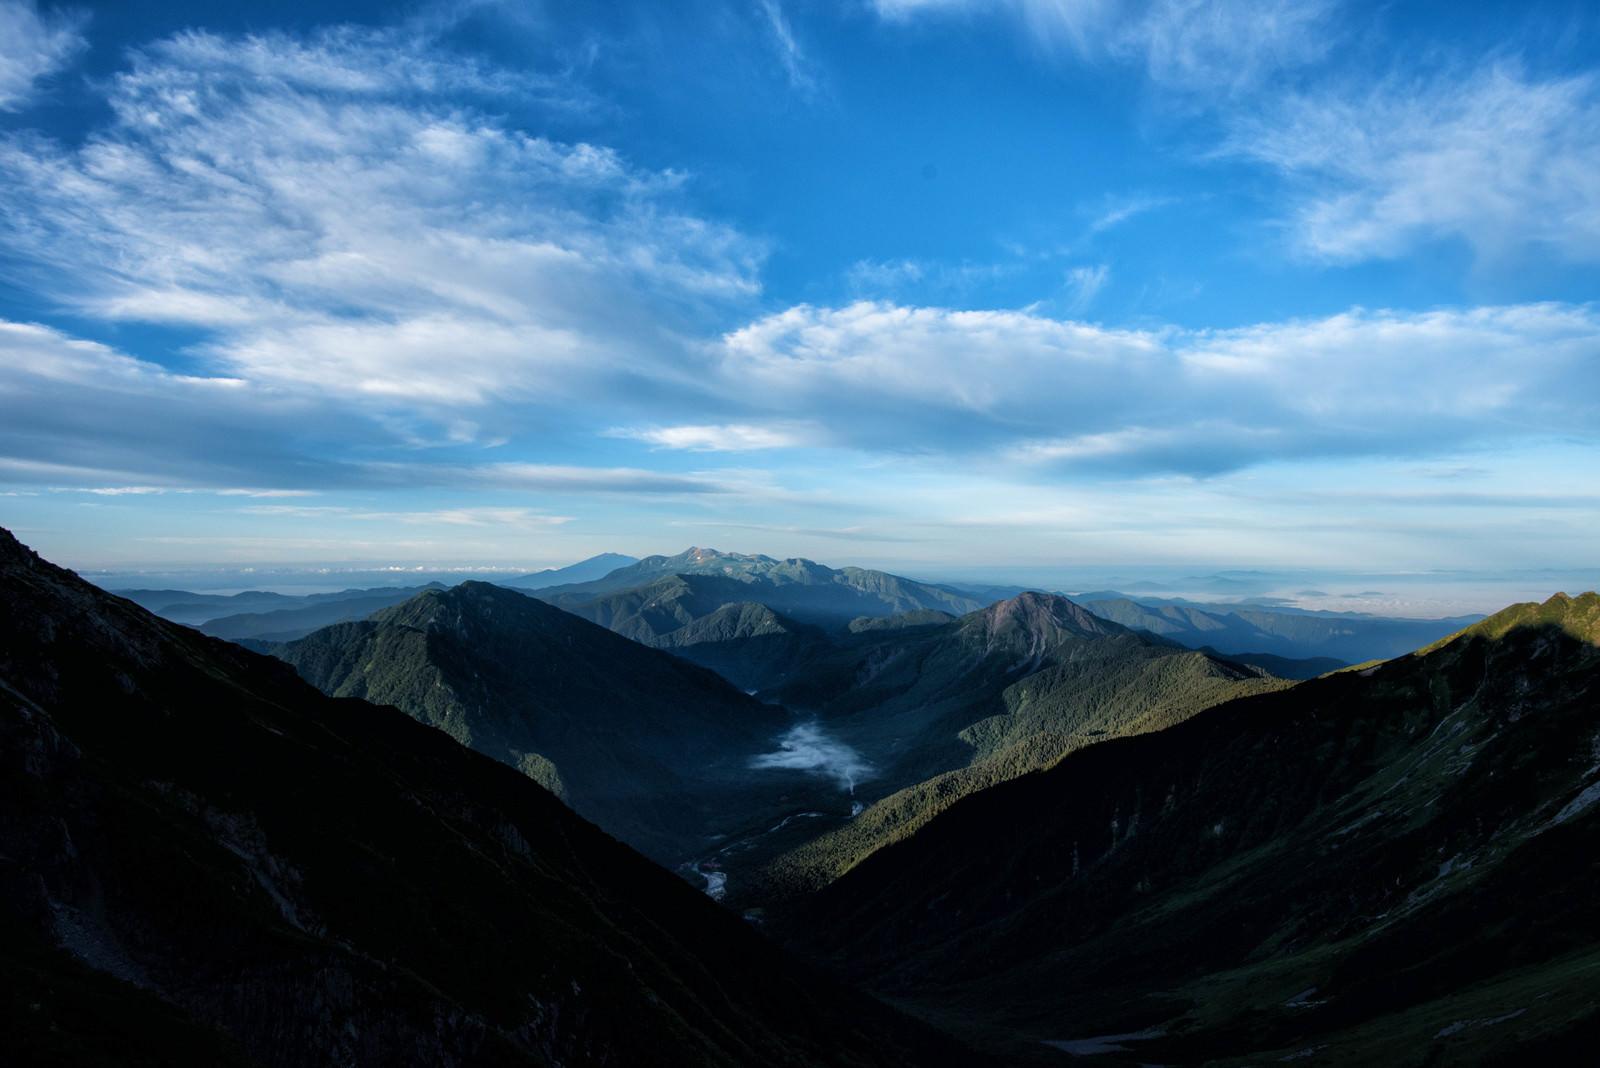 「上高地を囲む山々の景色」の写真